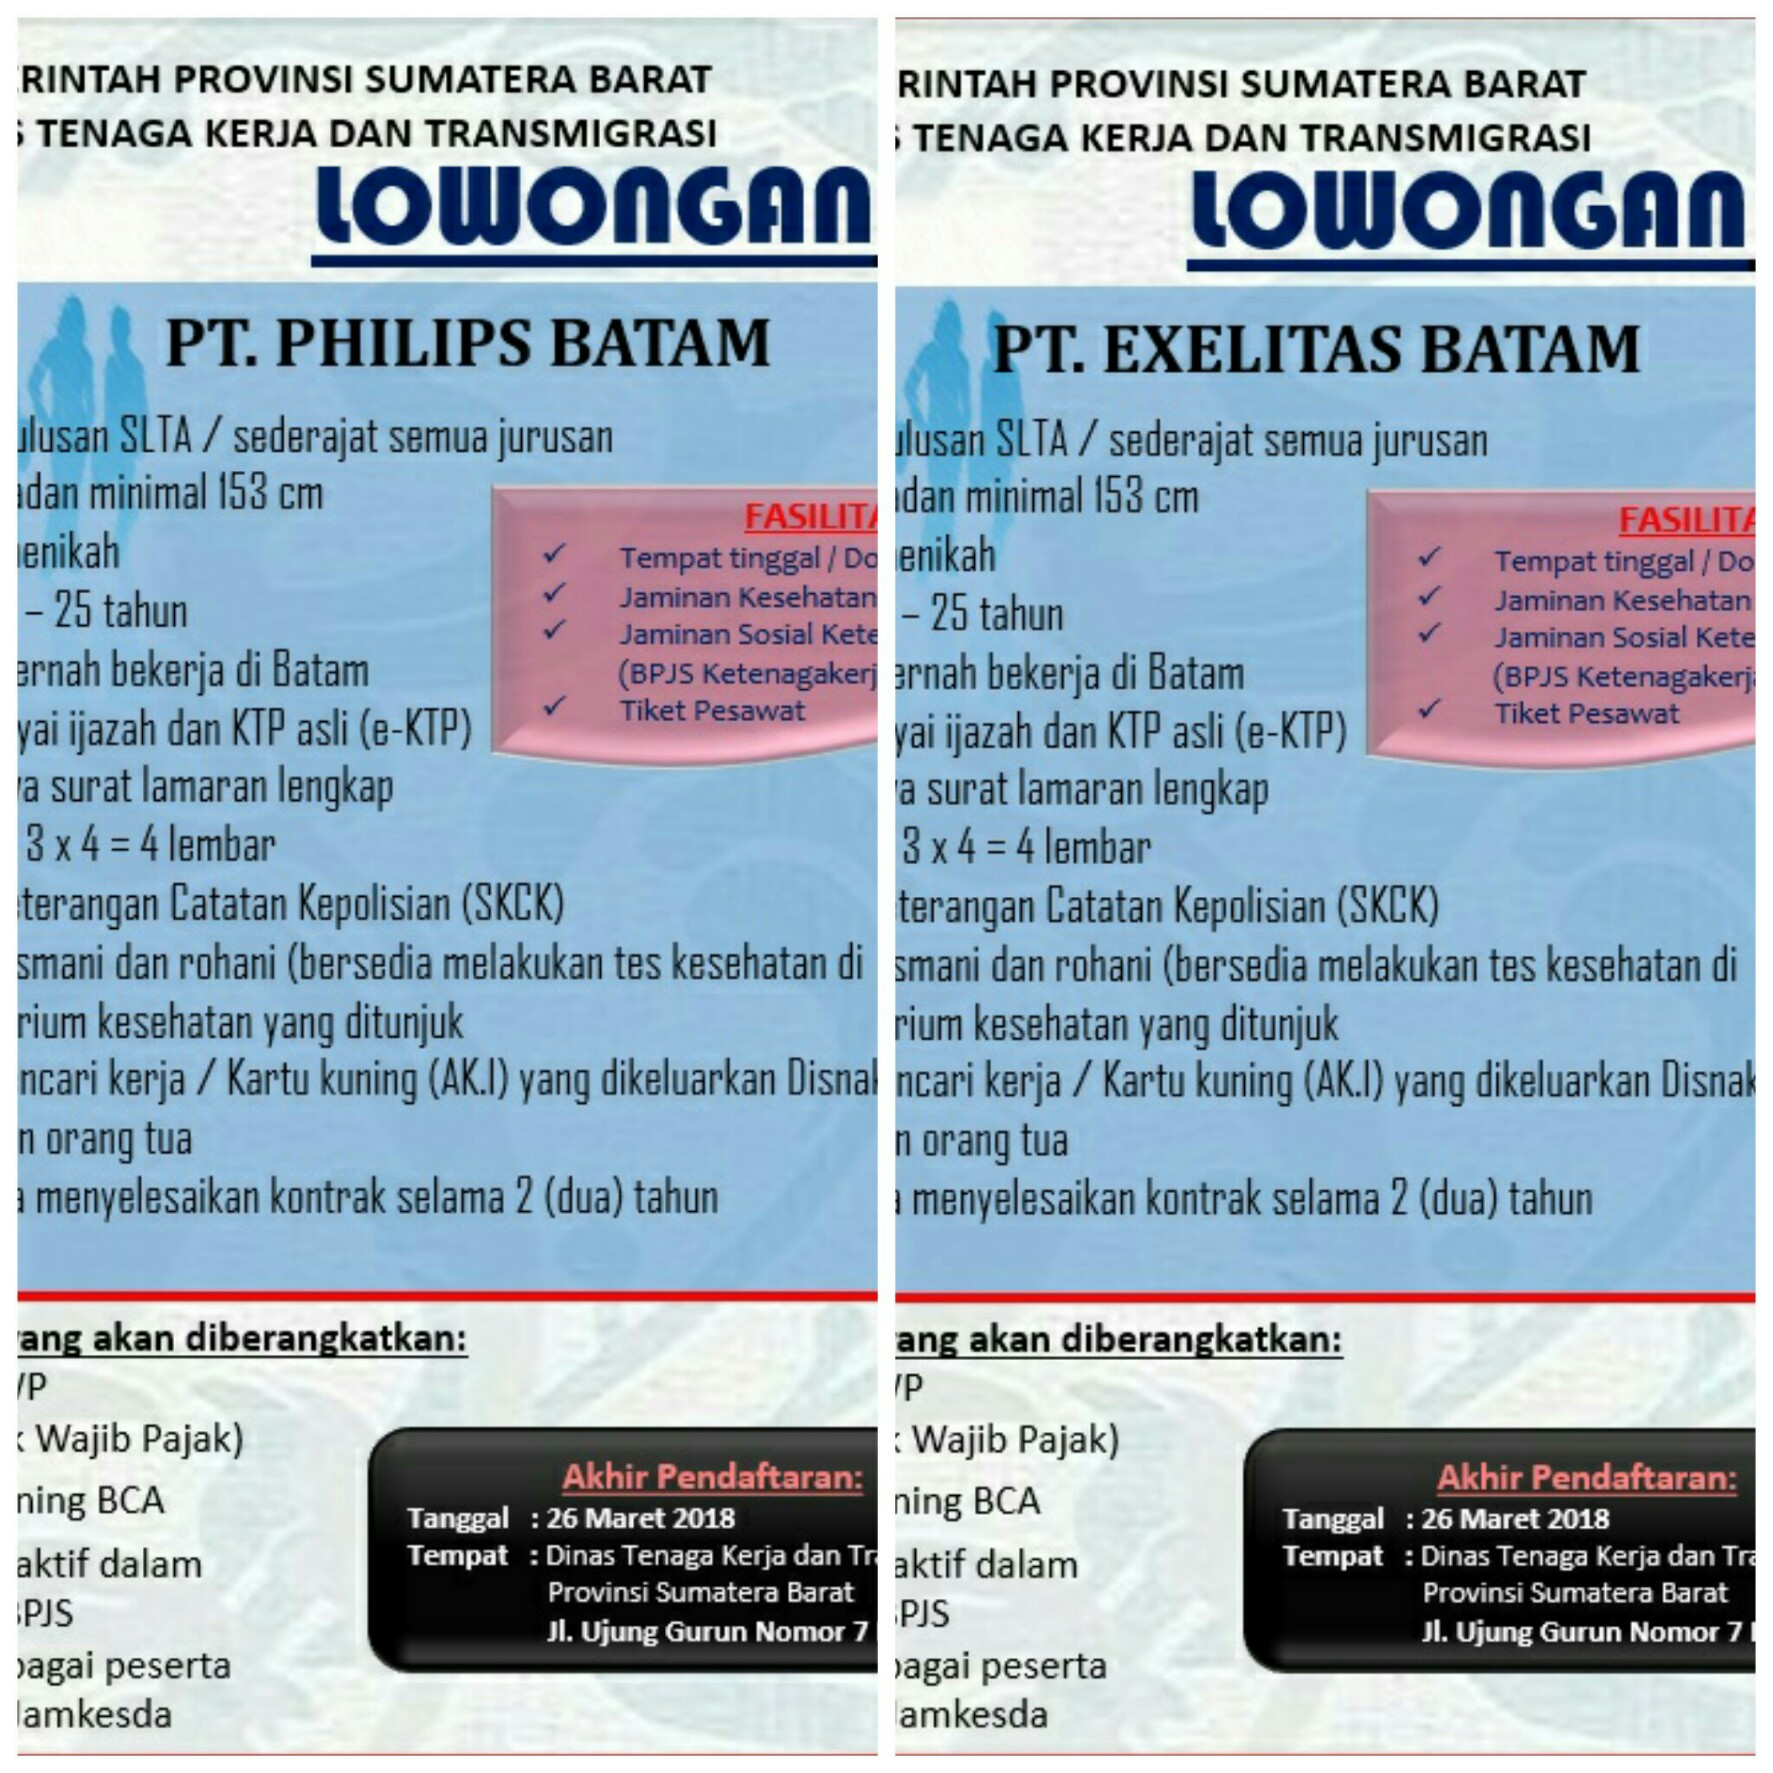 Lowongan Kerja Pt Exelitas Dan Pt Philips Batam